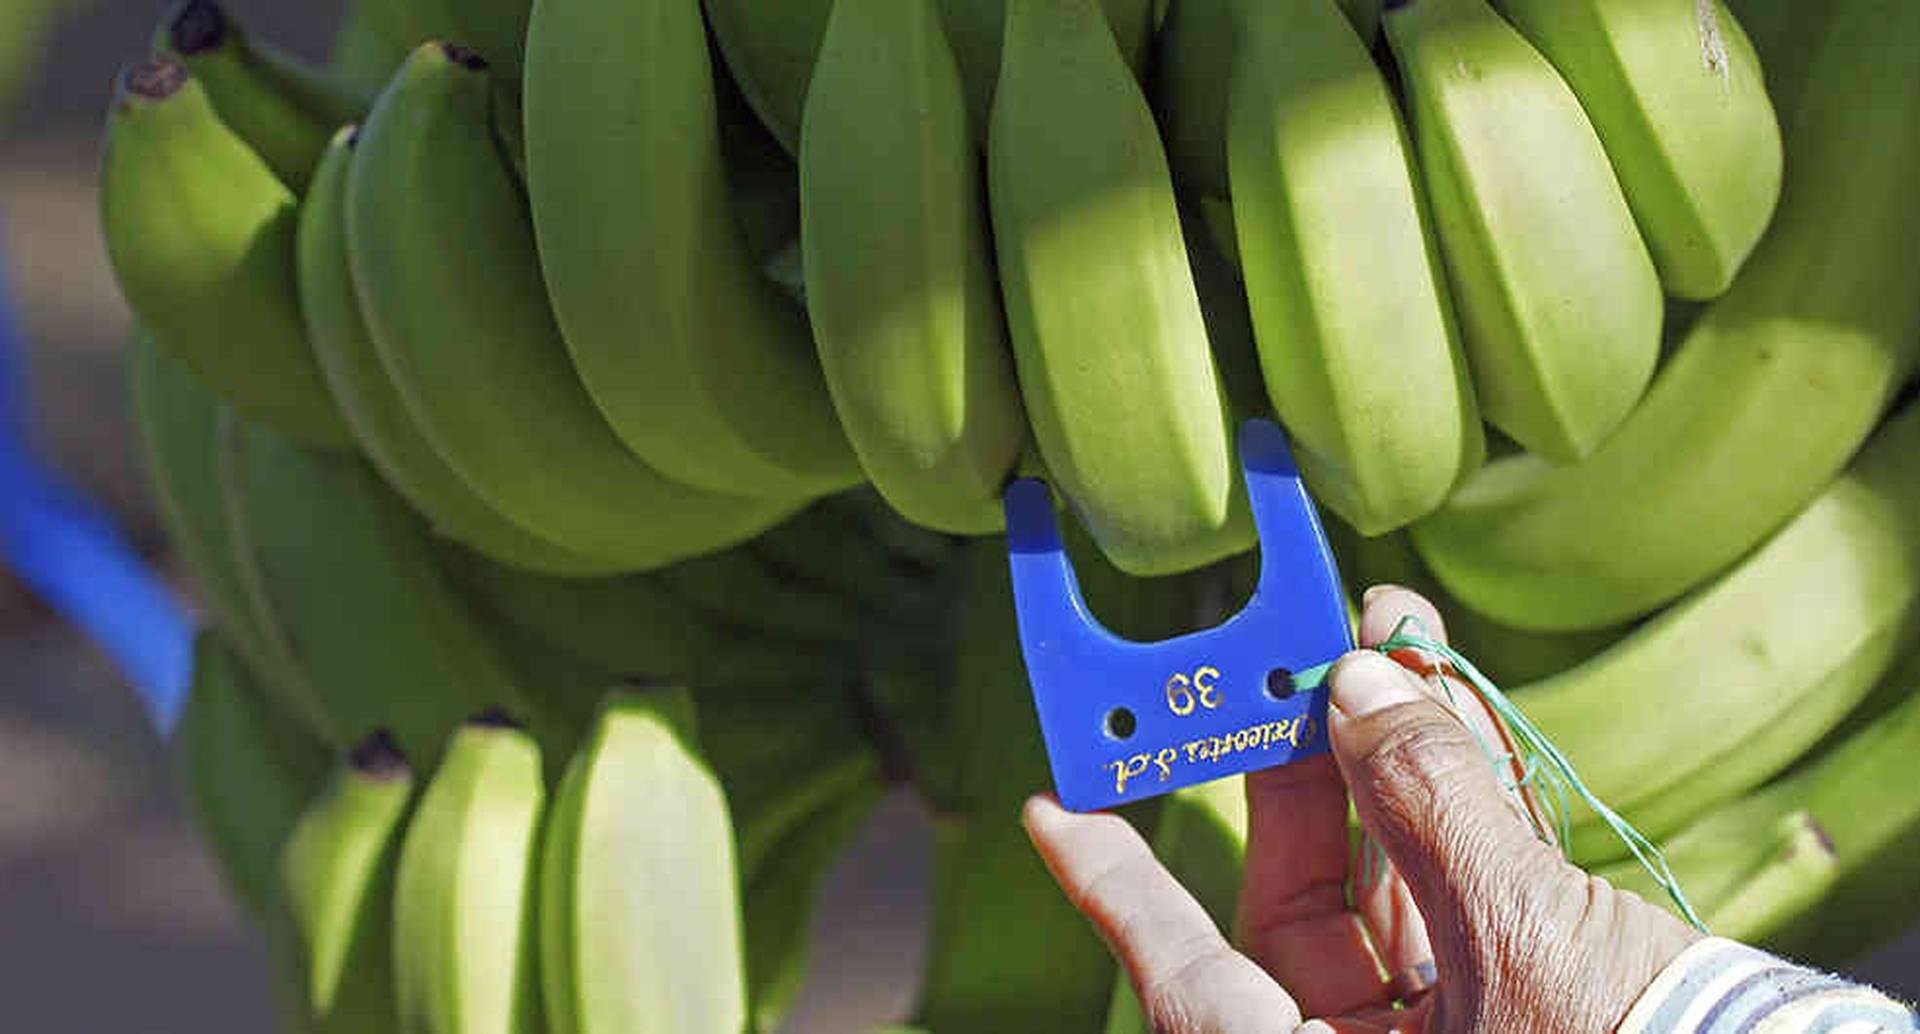 El banano del Grupo Daabon llega a más de 150 tiendas de Ito Yokado, una de las cadenas de supermercados más grandes de Japón.